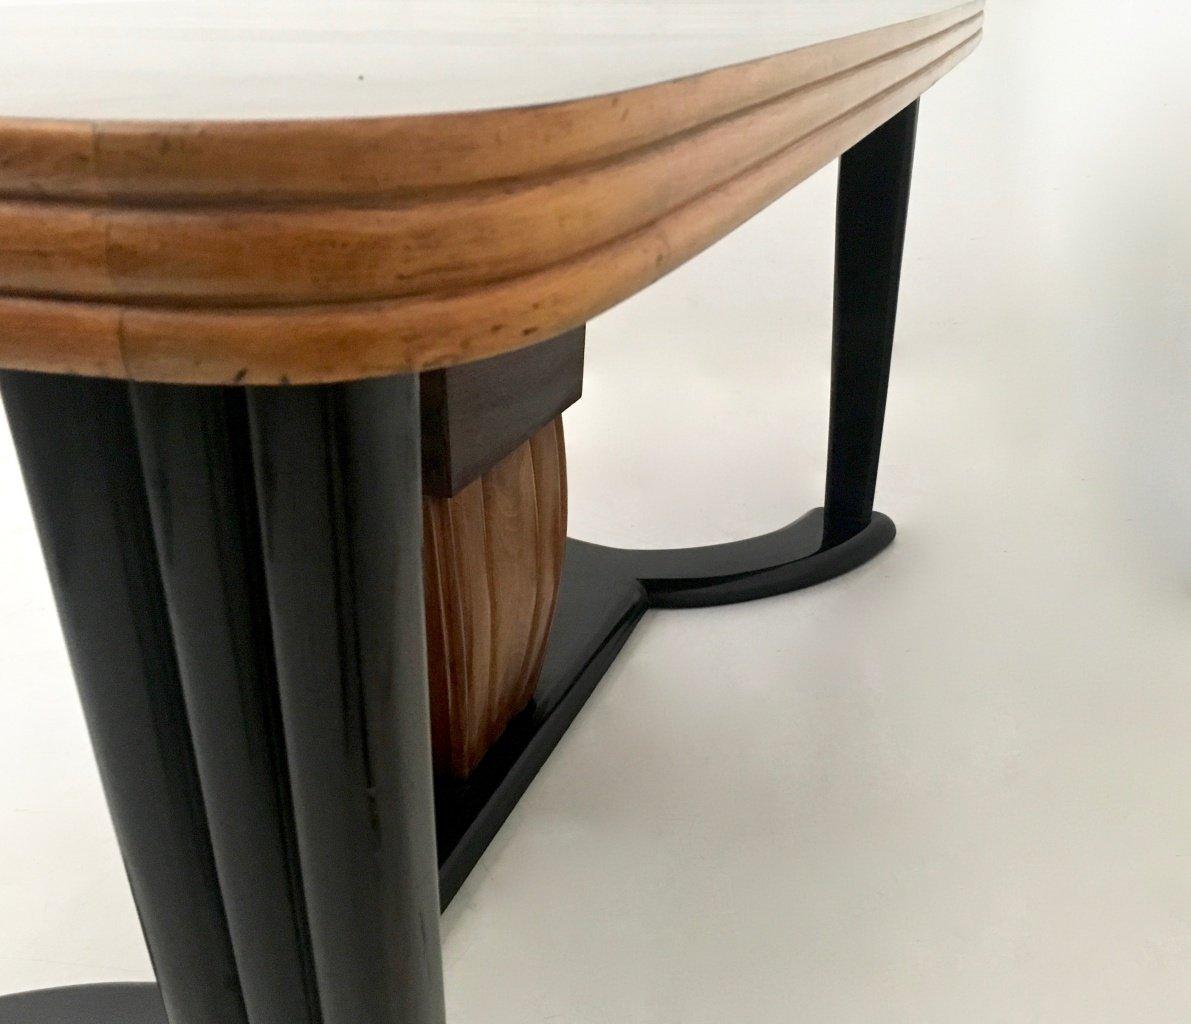 Table de salle manger en acajou et bois noirci avec plateau en verre opalin noir 1940s en for Table verre et bois salle a manger